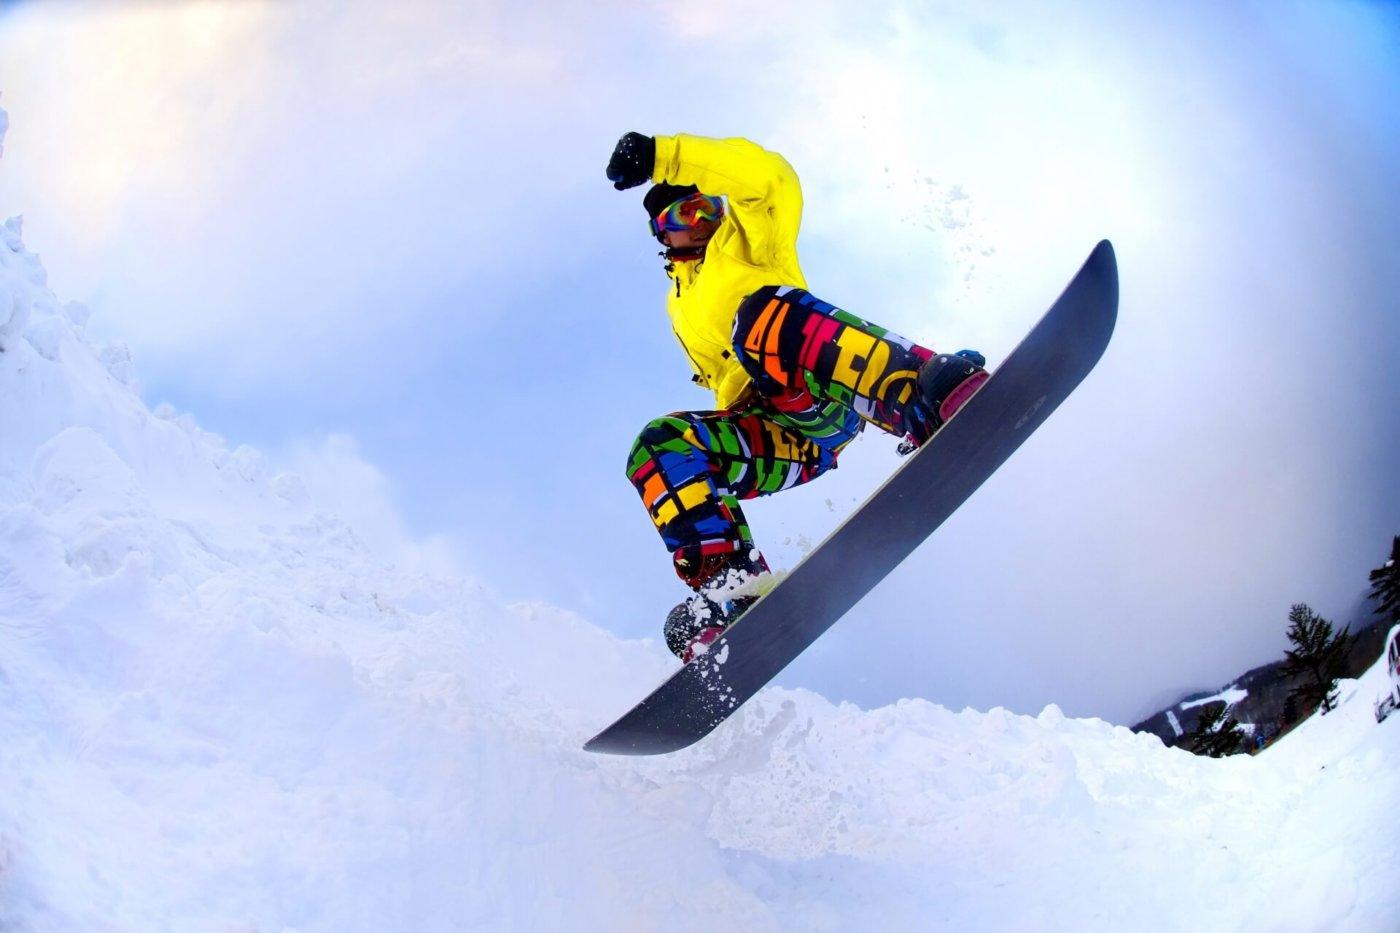 スキーを始めるなら揃えておきたい最低限のスキー用品を紹介!